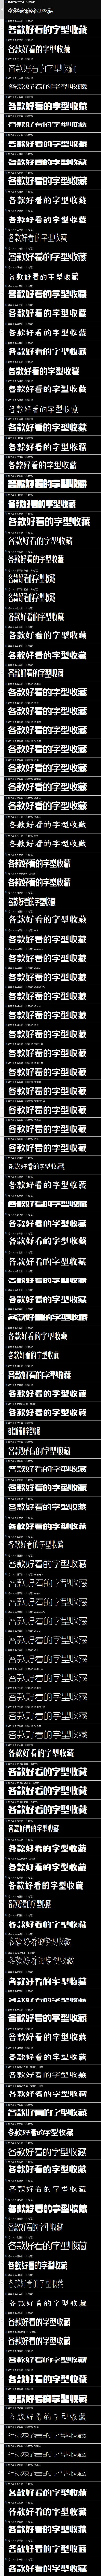 造字工房字型列表